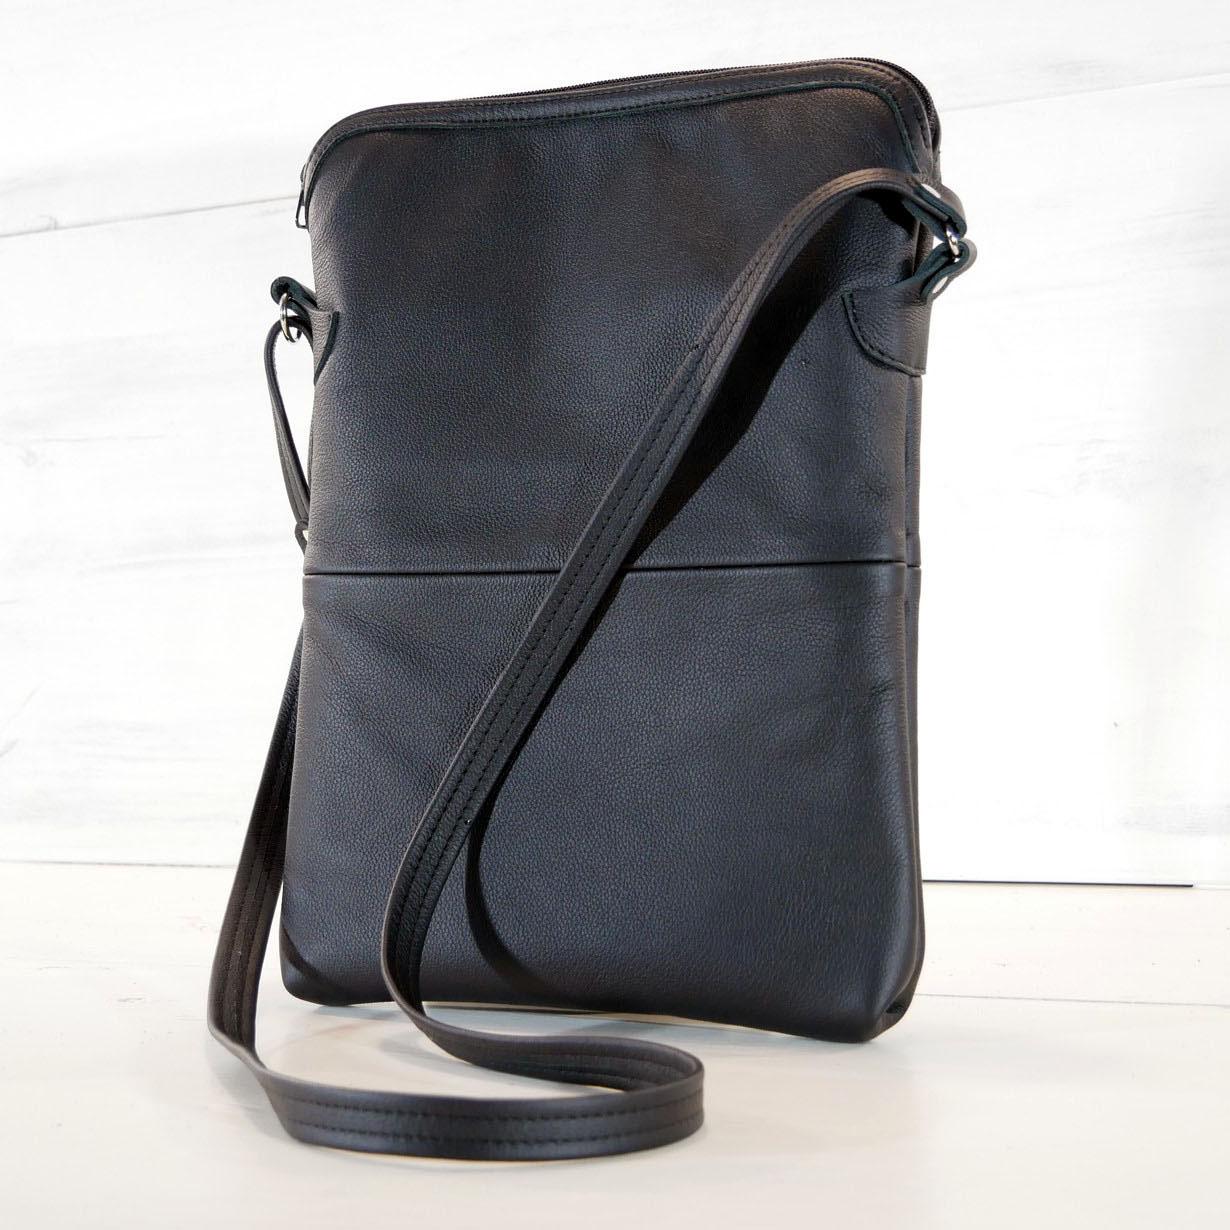 0594f07b10 Luxusní kožené kabelky a tašky